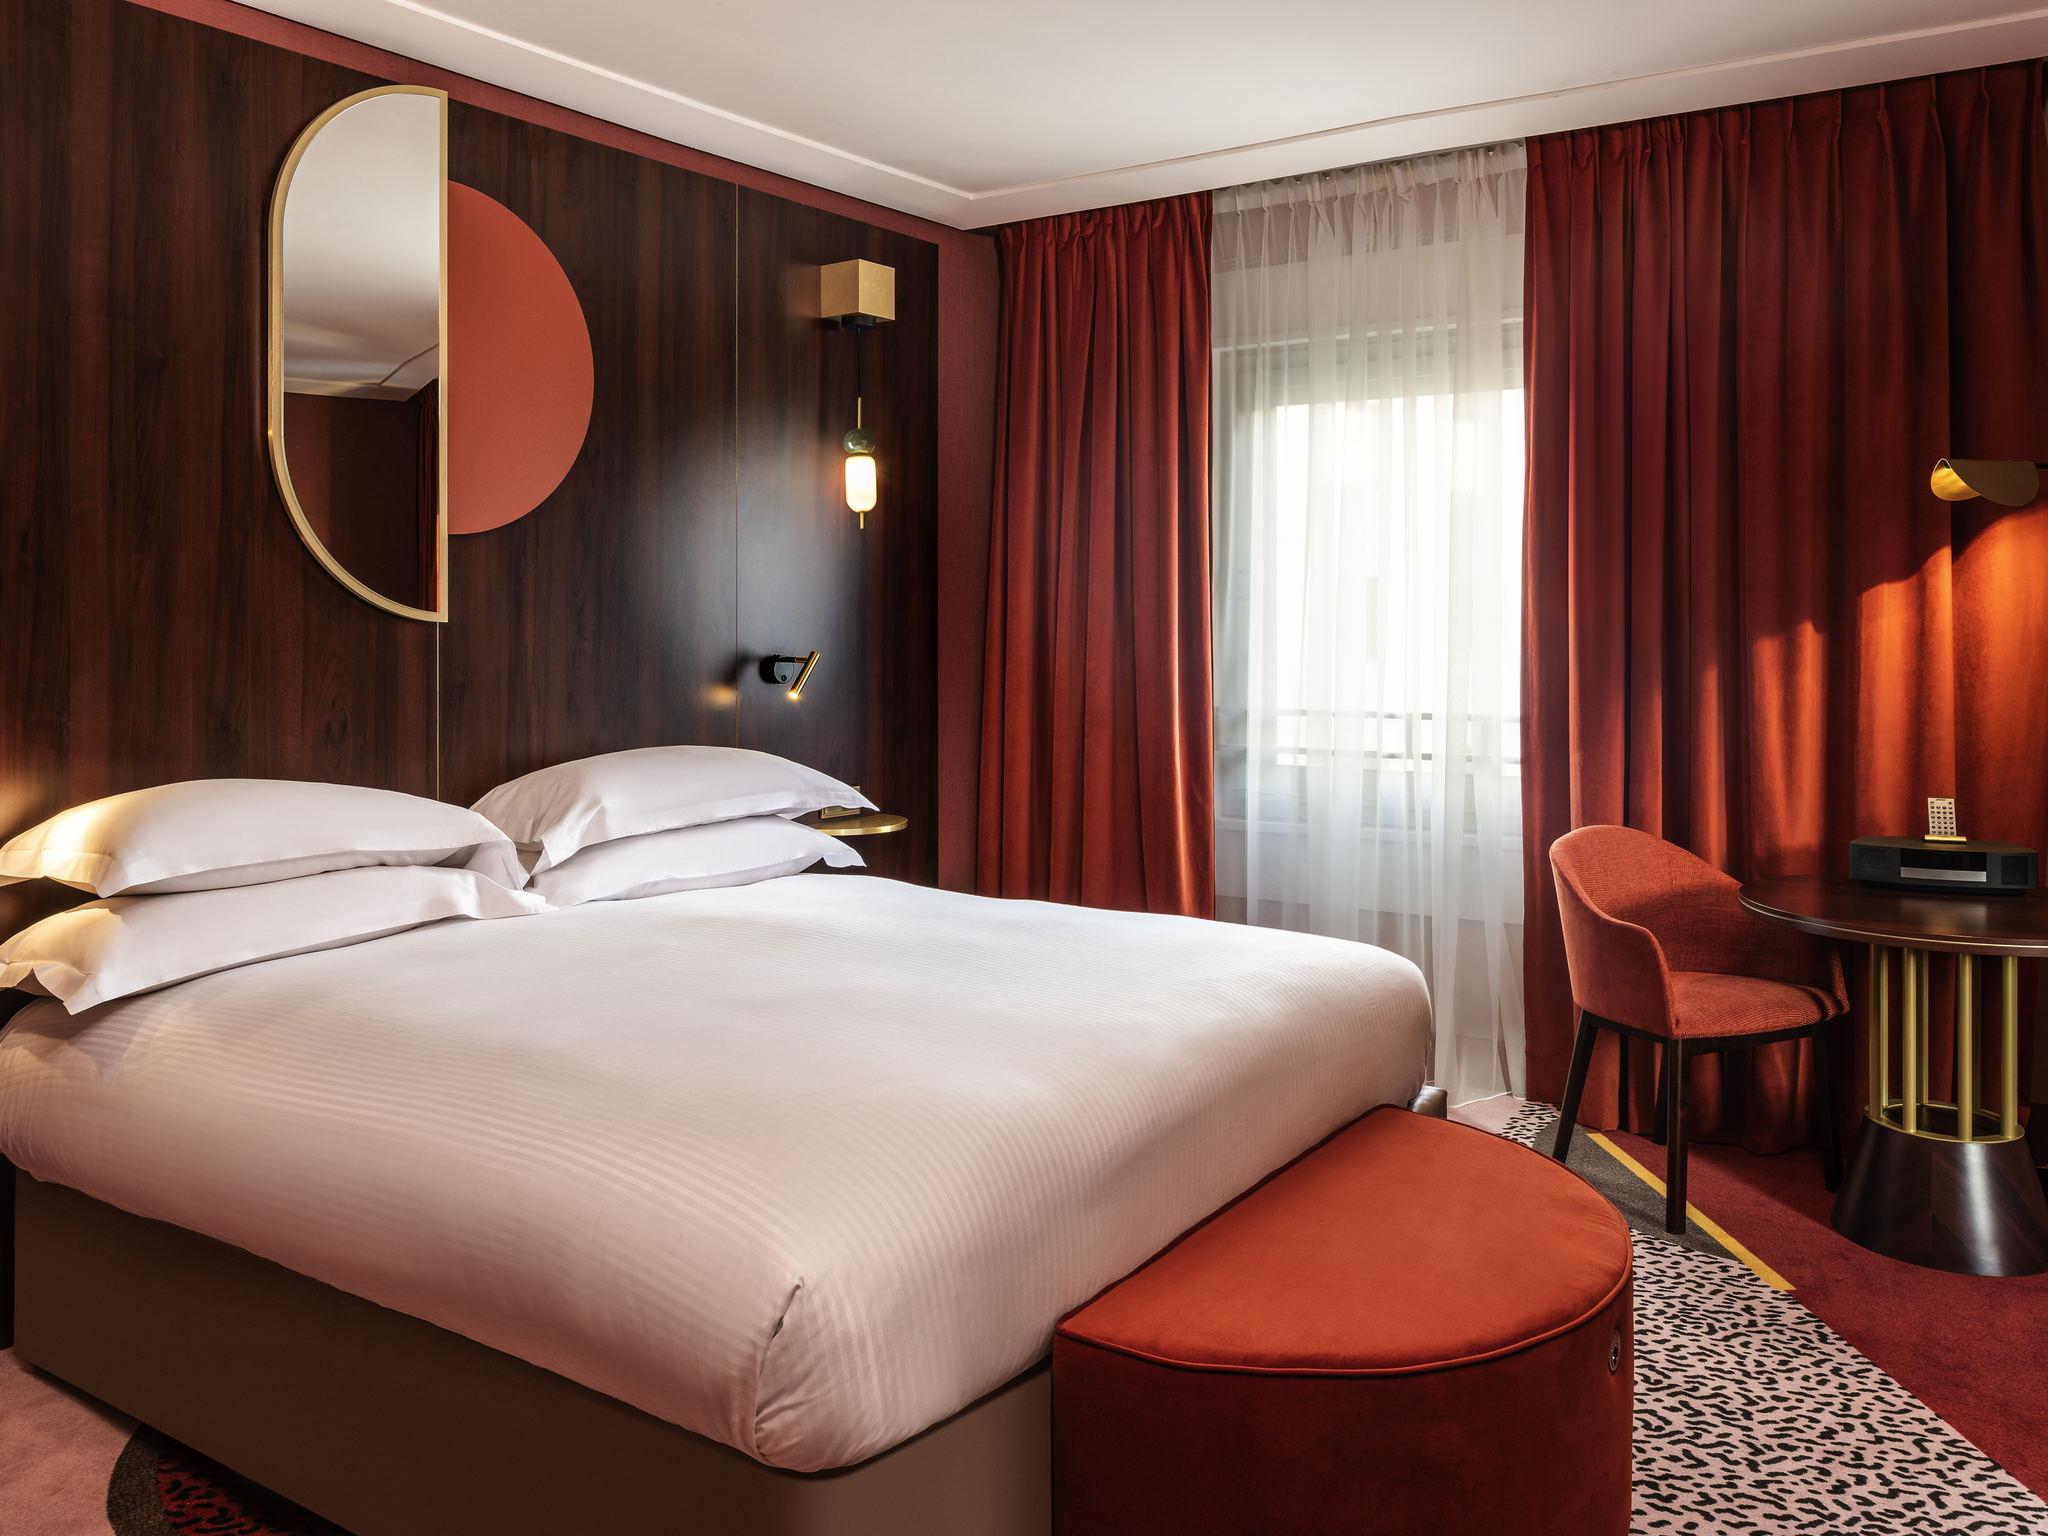 ホテル – ソフィテルパリラデファンス